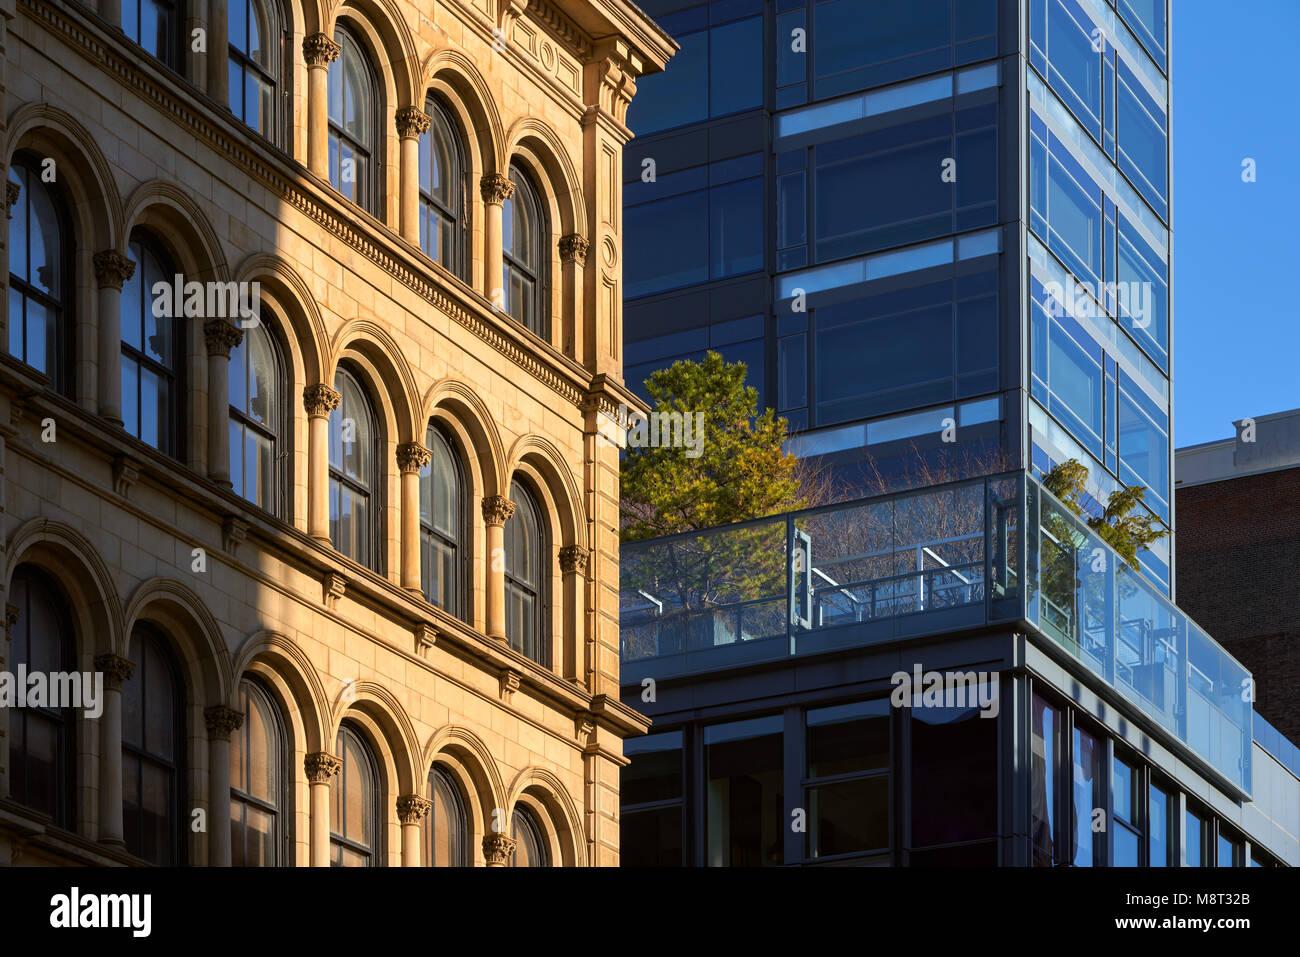 Soho fachadas con contrastes de estilos arquitectónicos. La Ciudad de Nueva York, Manhattan, Soho Imagen De Stock